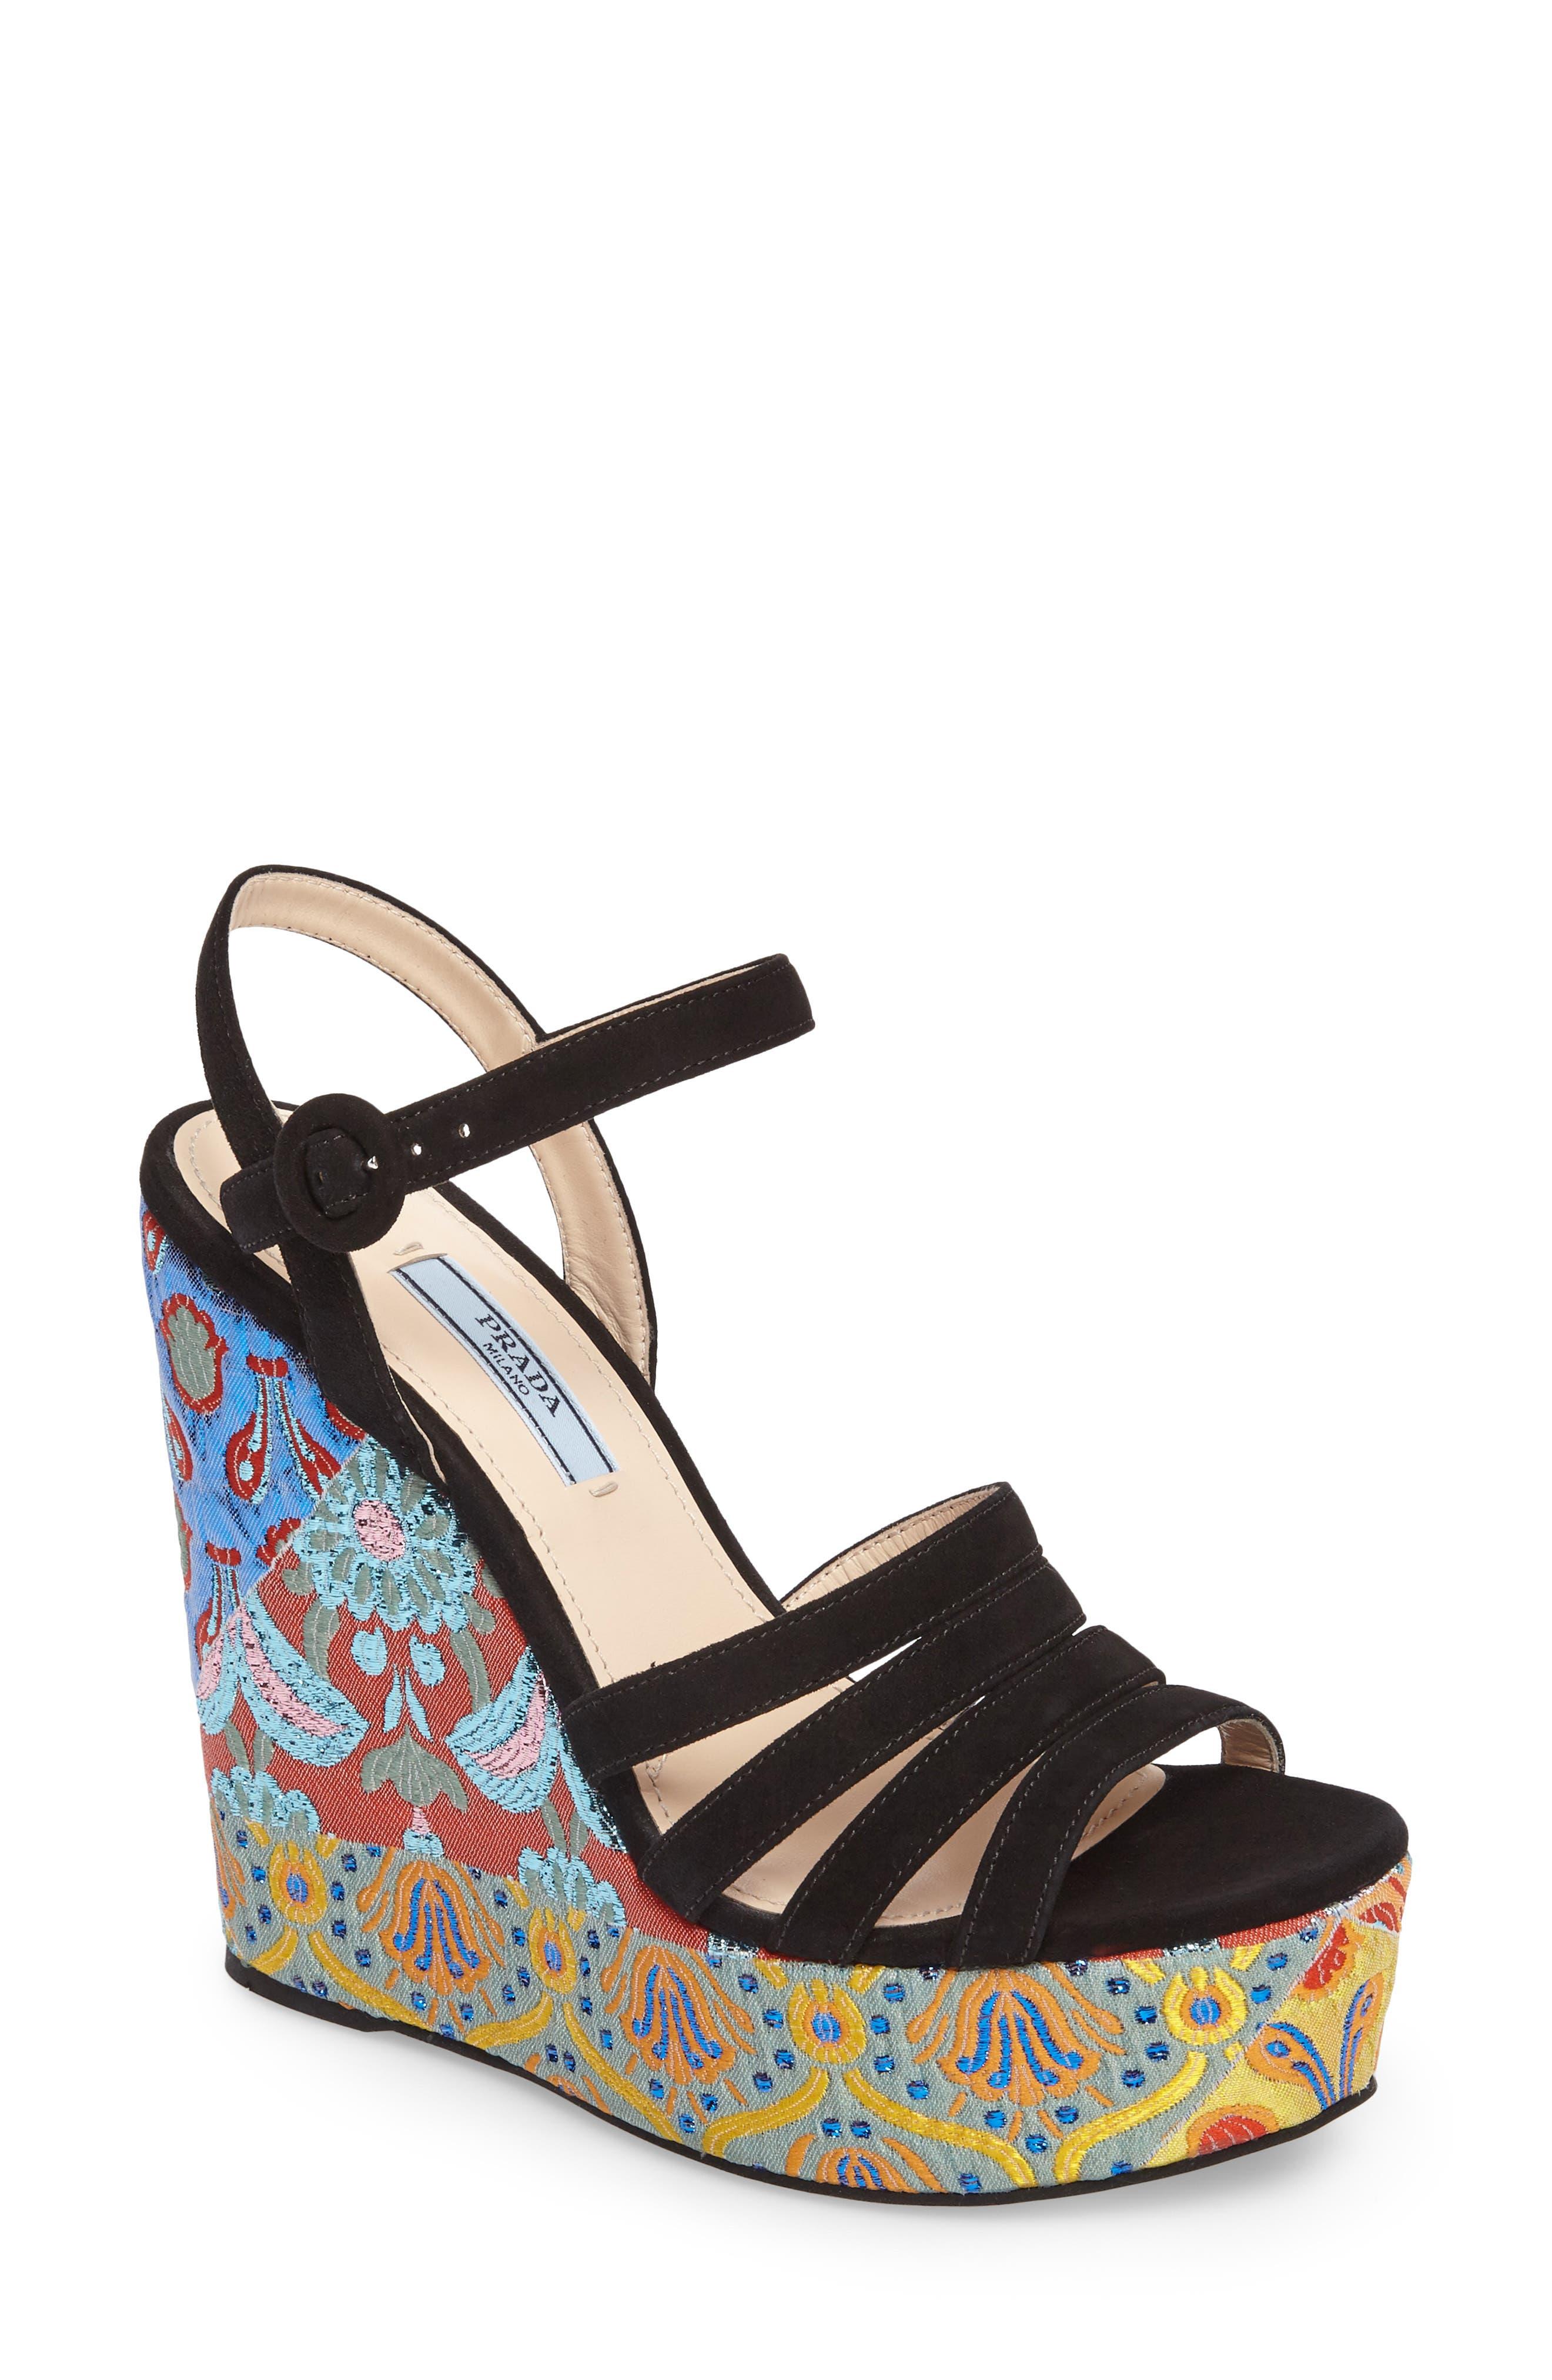 Floral Platform Wedge Sandal,                         Main,                         color, 002